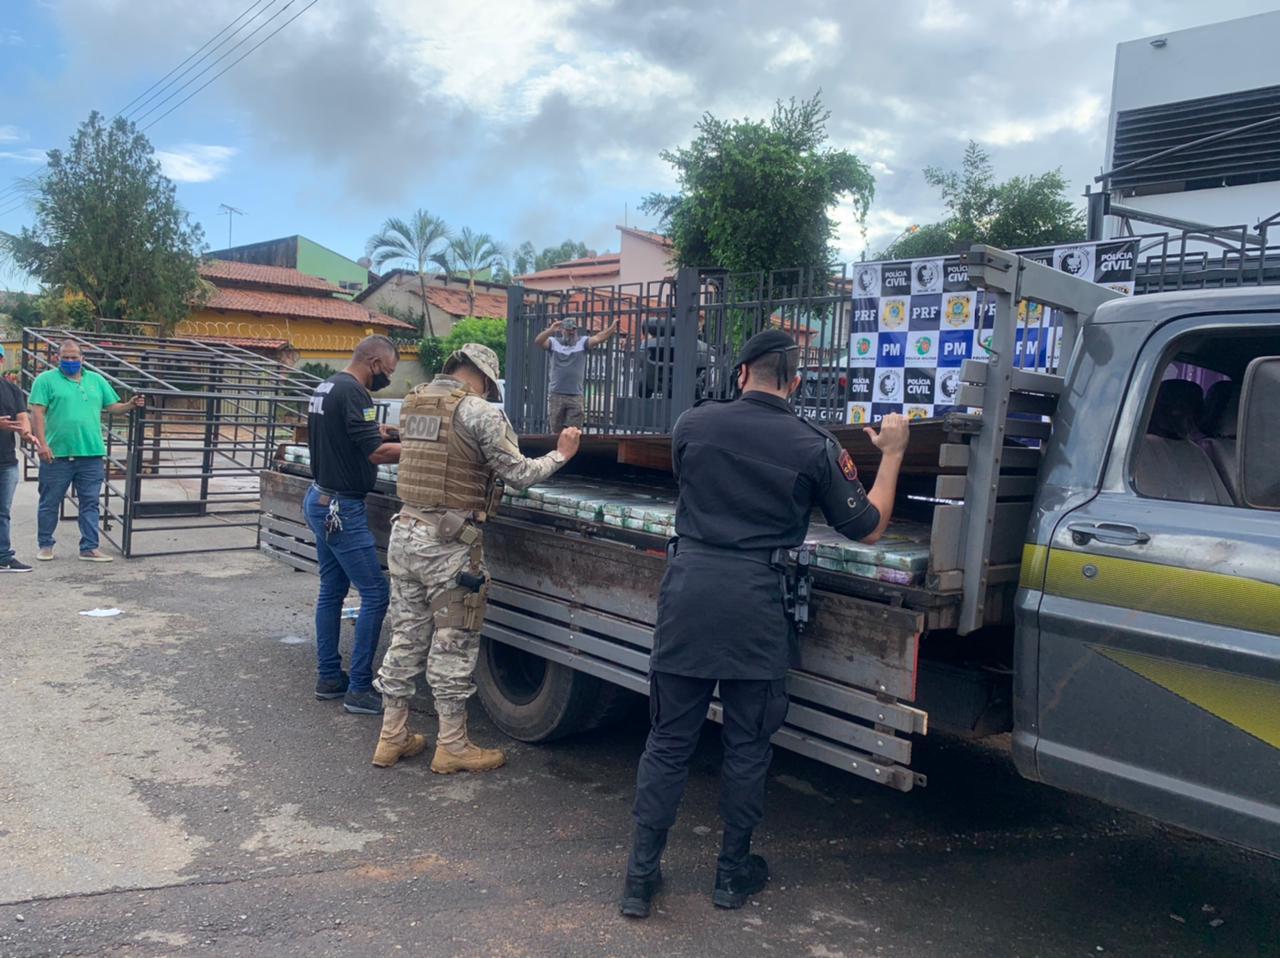 Força-tarefa monitorou diferentes rotas em diferentes estados a fim de encontrar o caminhão, que foi apreendido na última sexta-feira (19)